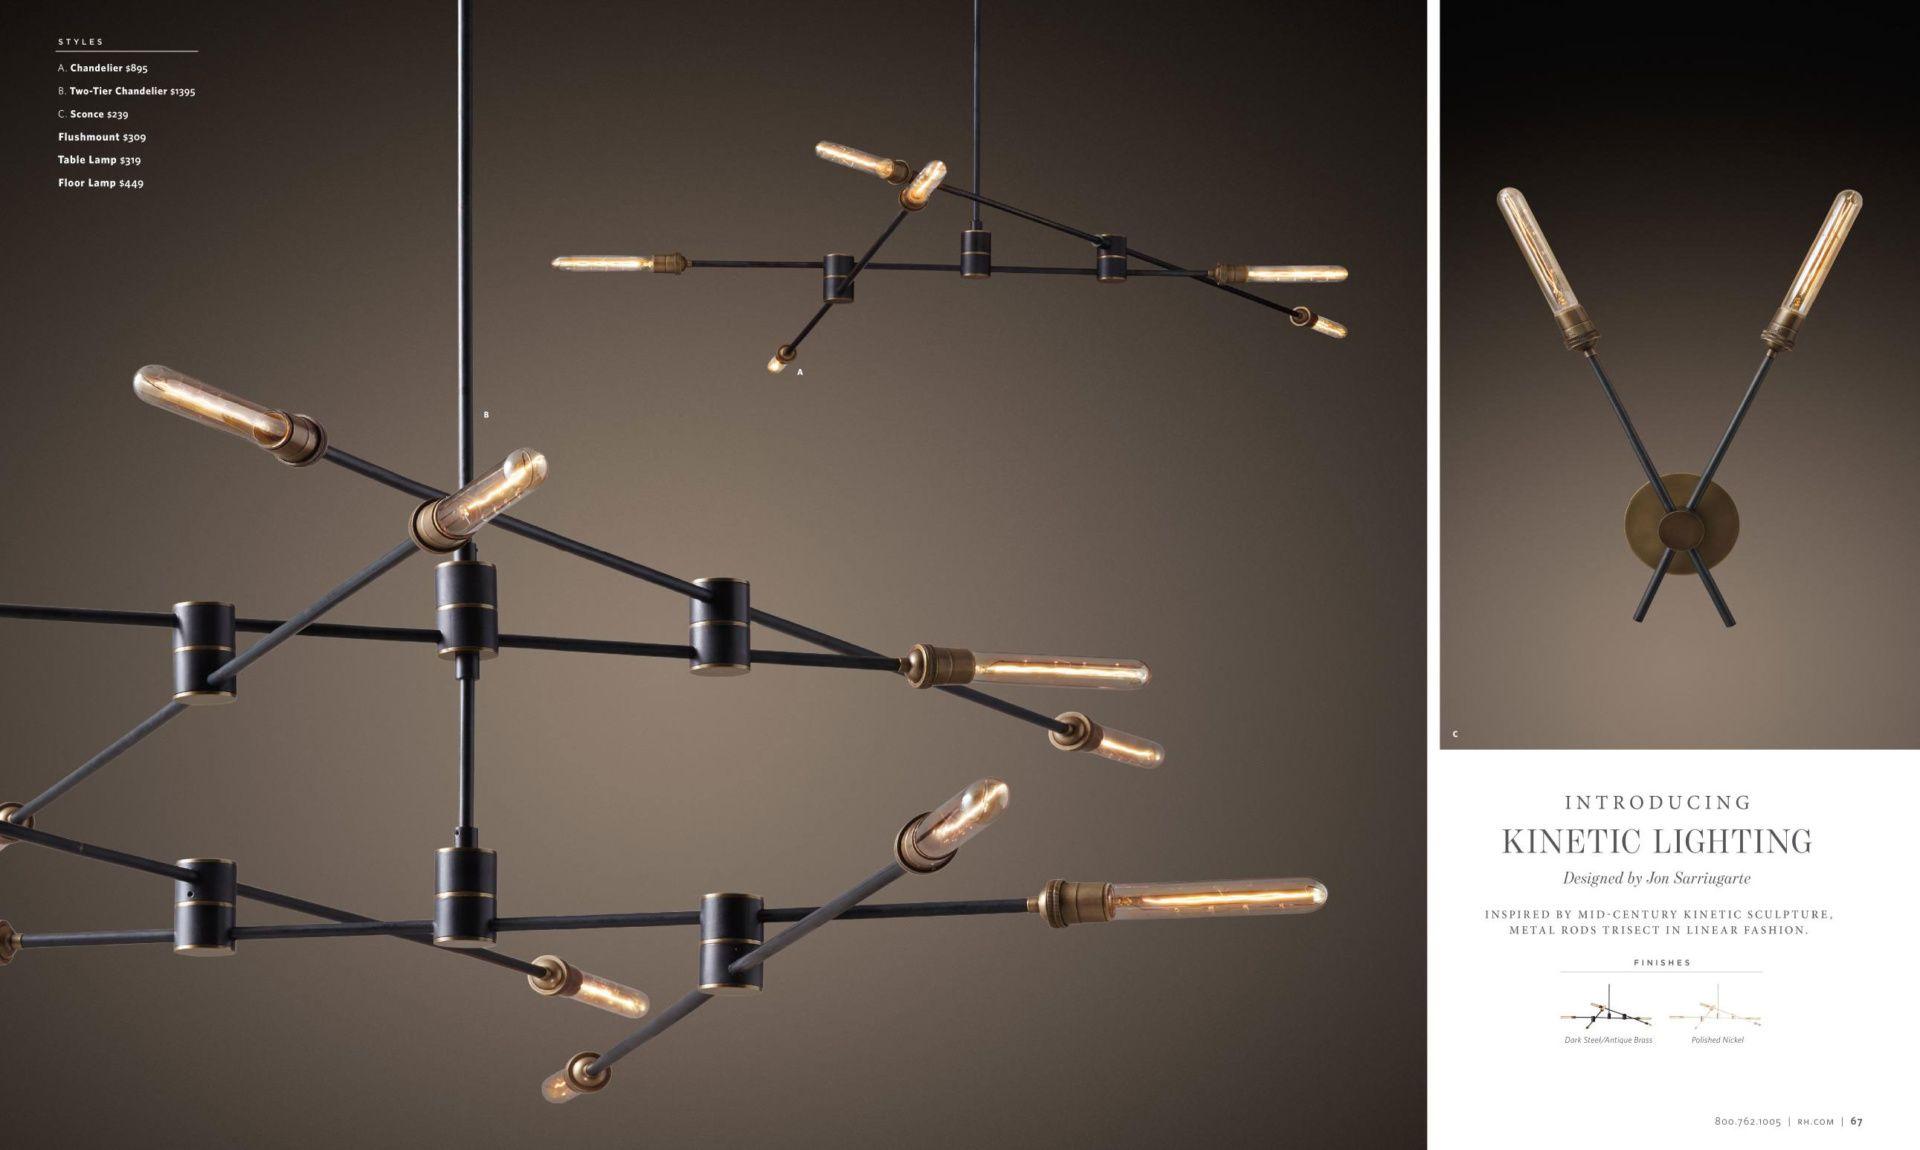 Rh Kinetic Lighting Design Ceiling